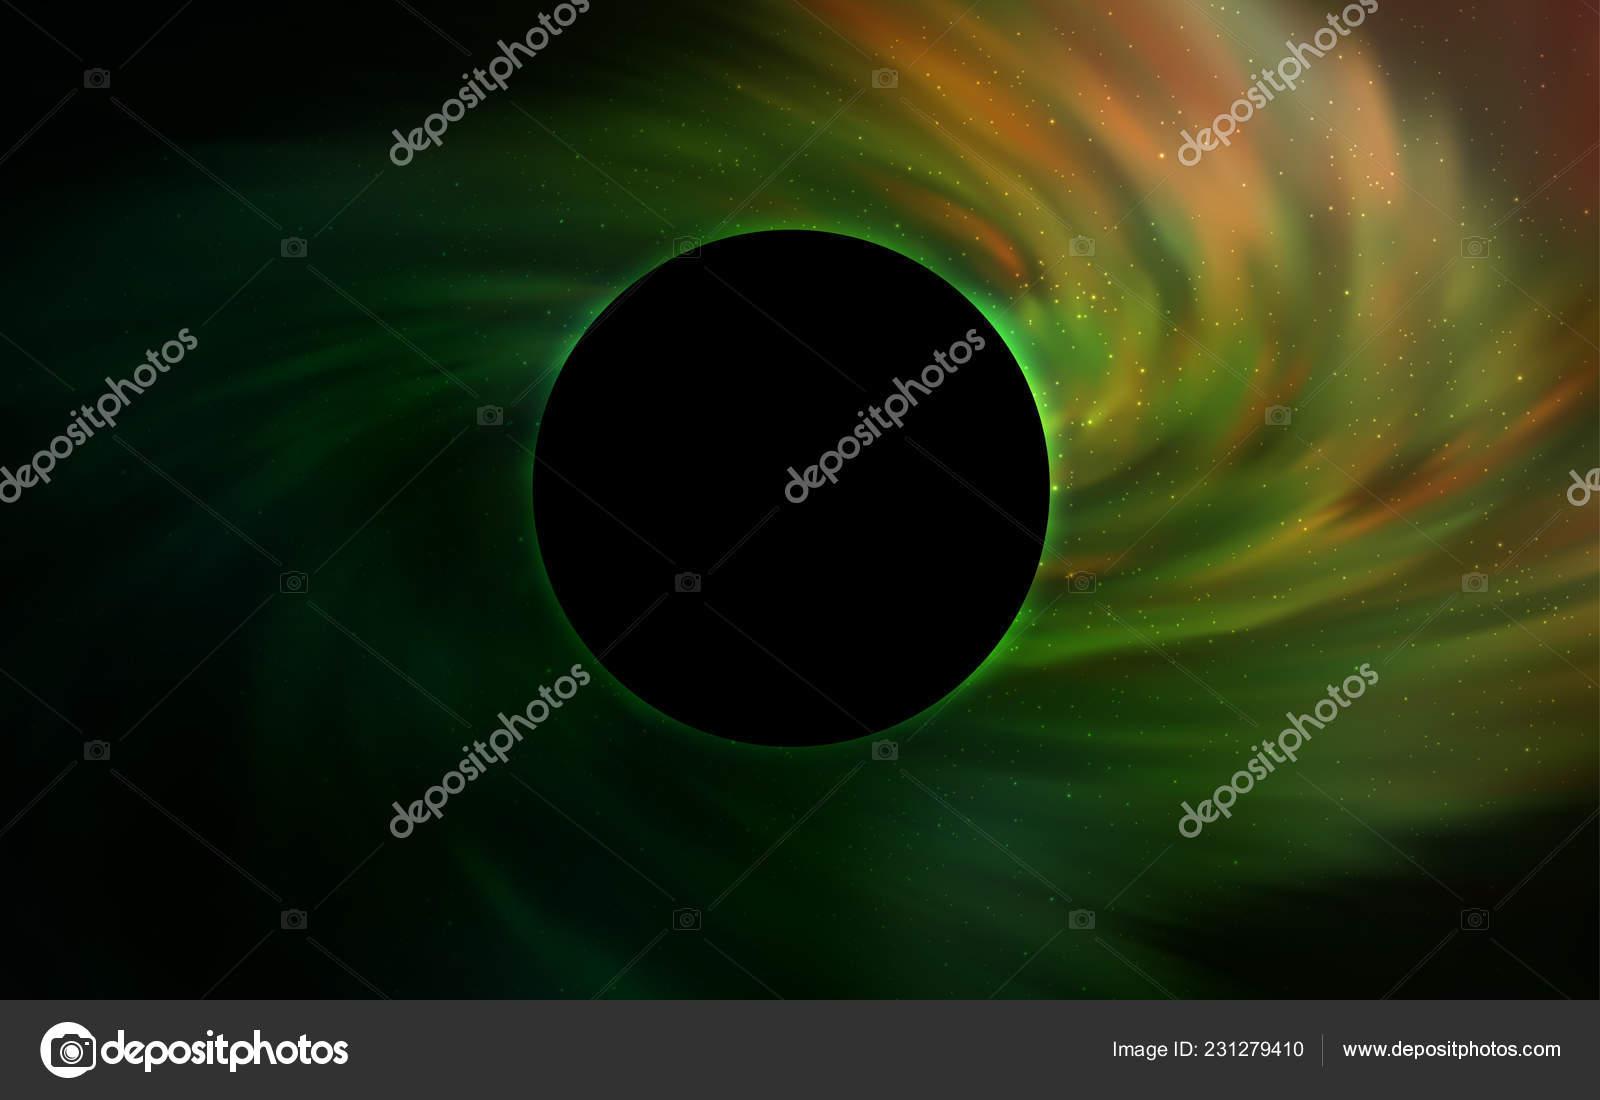 schwarzes loch in der milchstraße